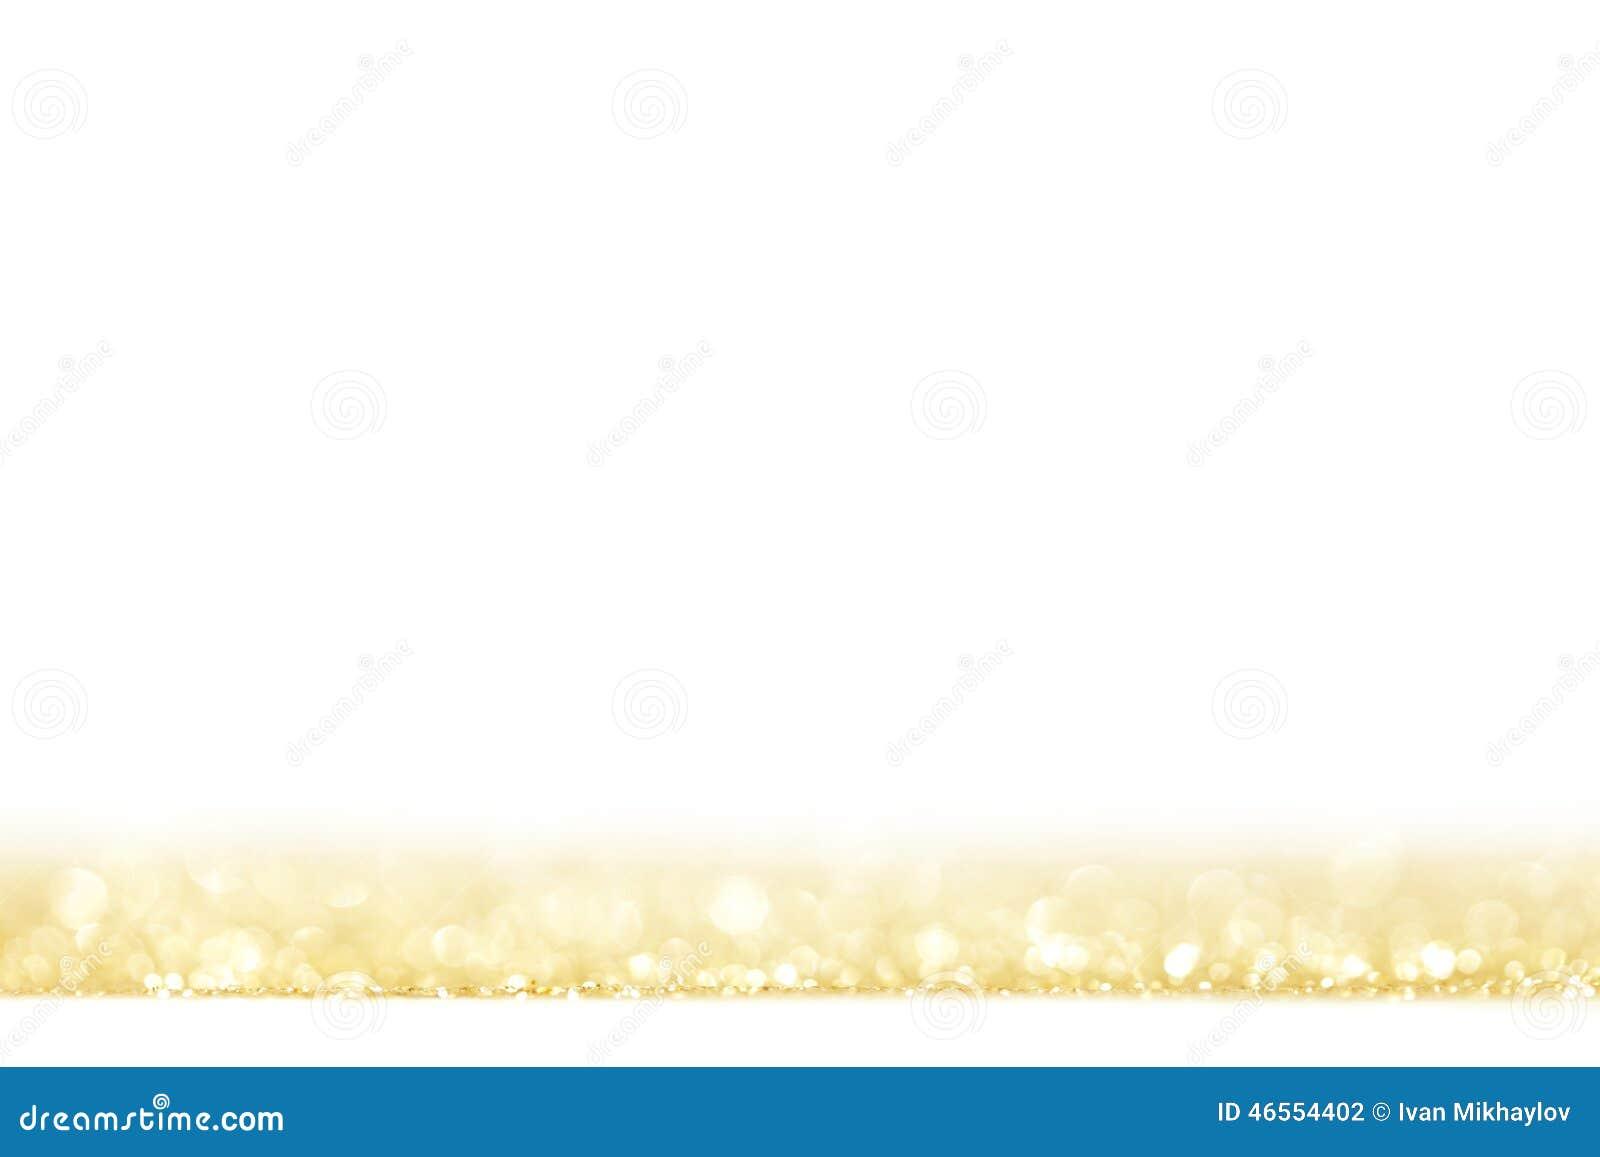 欢乐的背景 库存照片 - 图片: 46554402